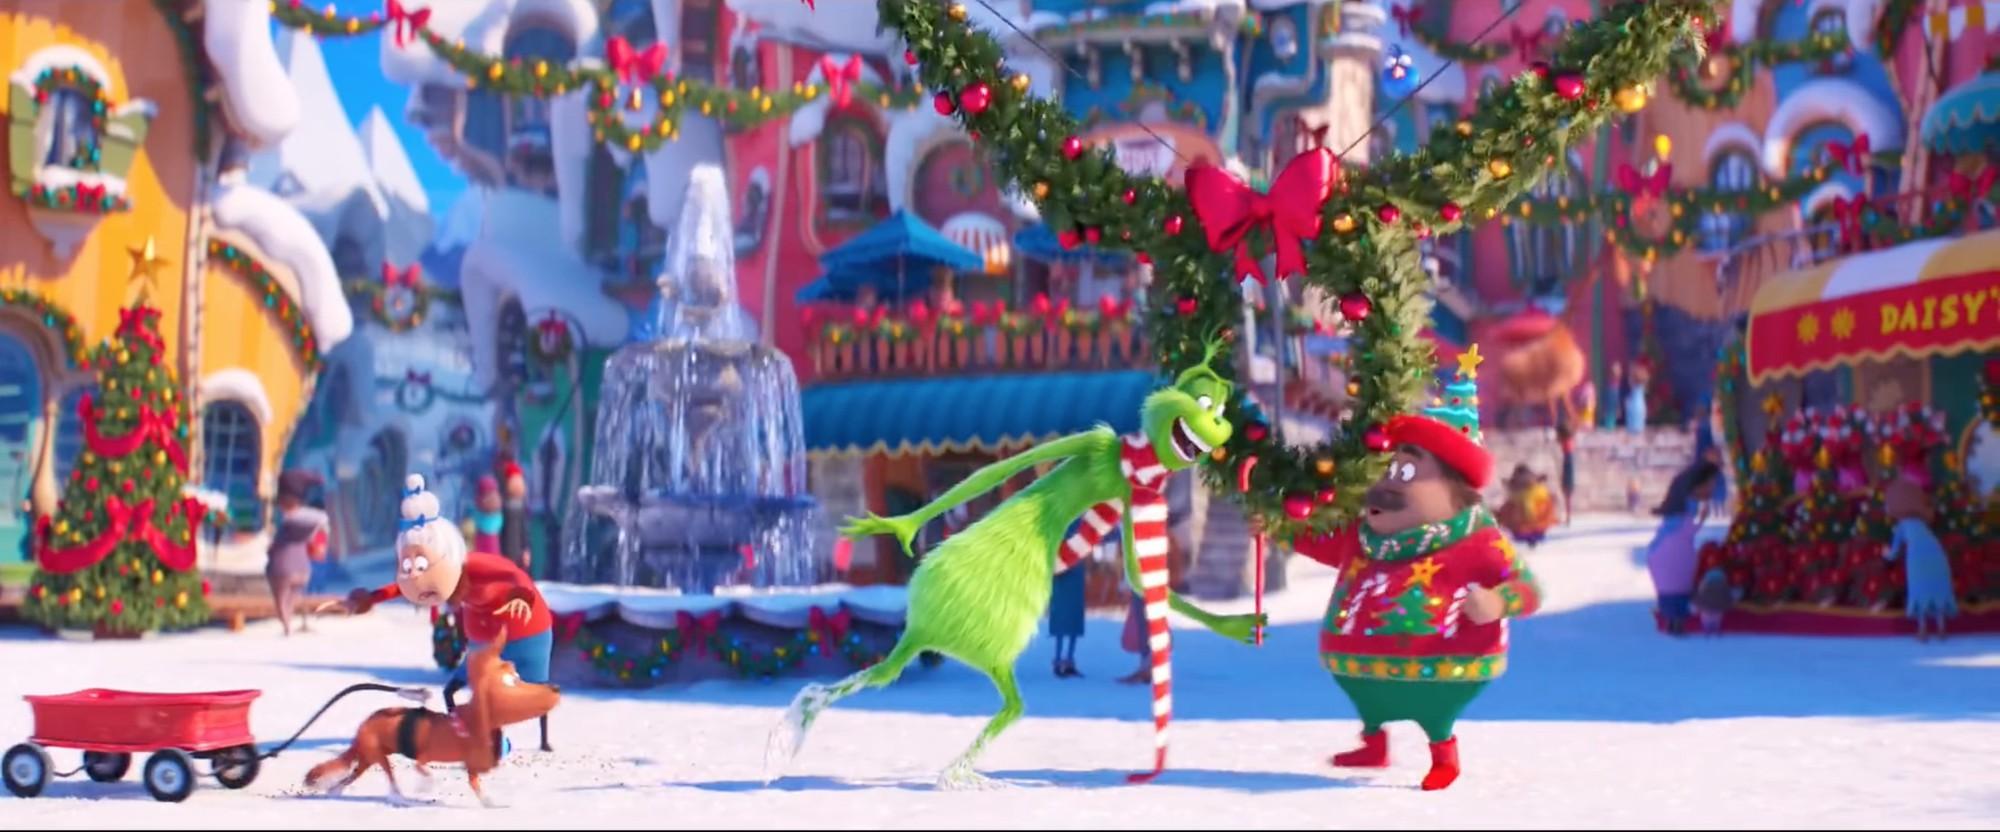 Phim Giáng Sinh dành cho những kẻ hận cả thế giới là đây: The Grinch - Gã xanh lè cáu kỉnh - Ảnh 5.